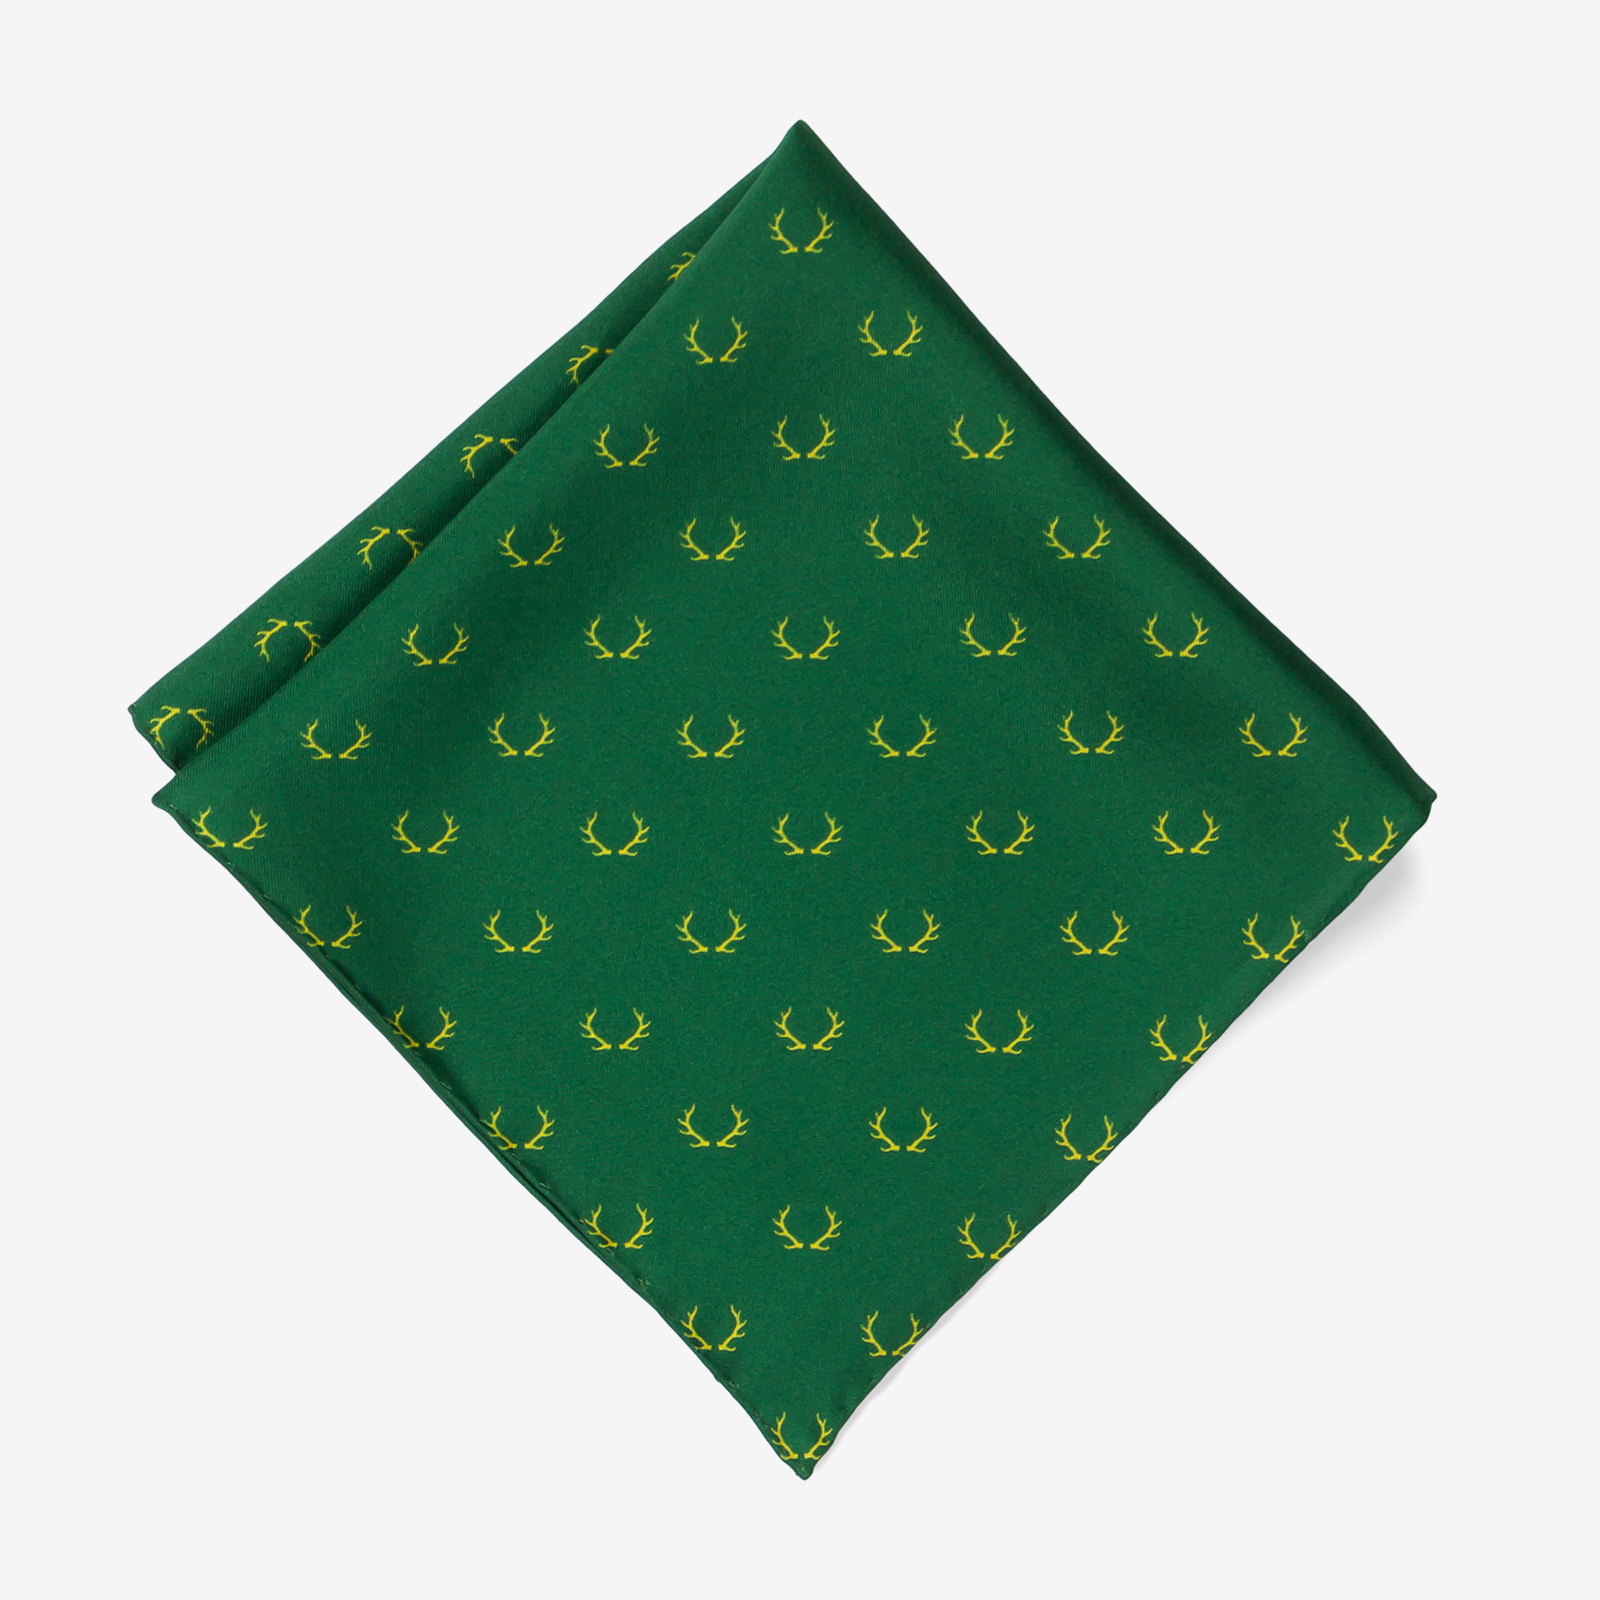 Folded scarf product image